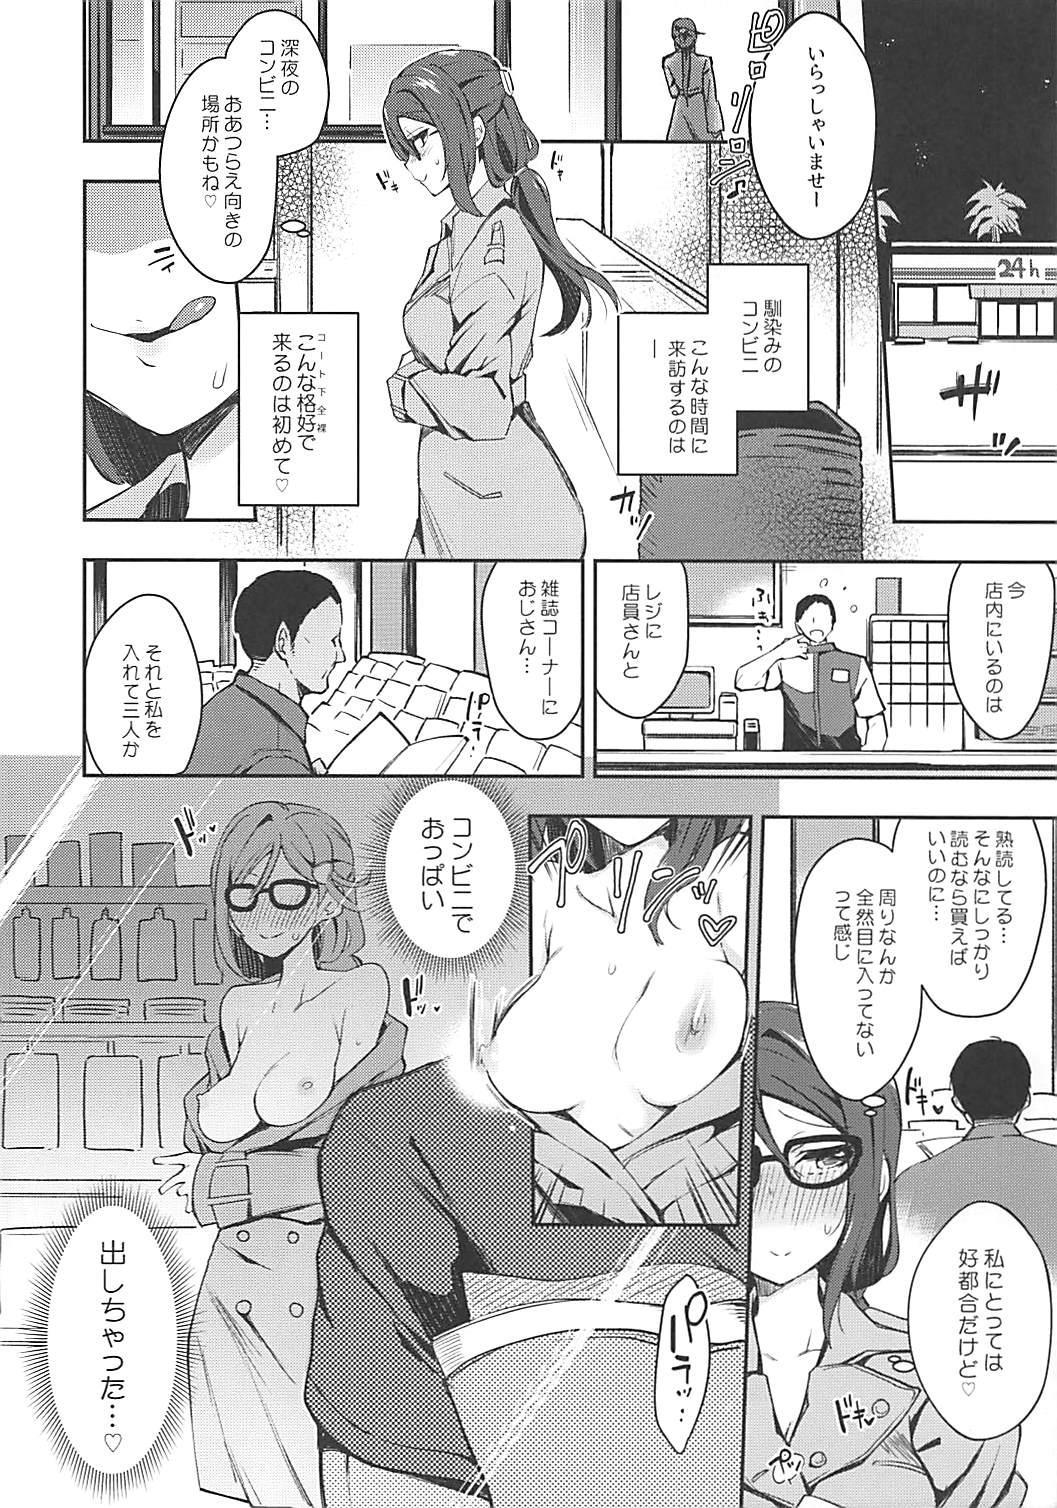 Ecchi Sketch Ro Ona Uchi. 14